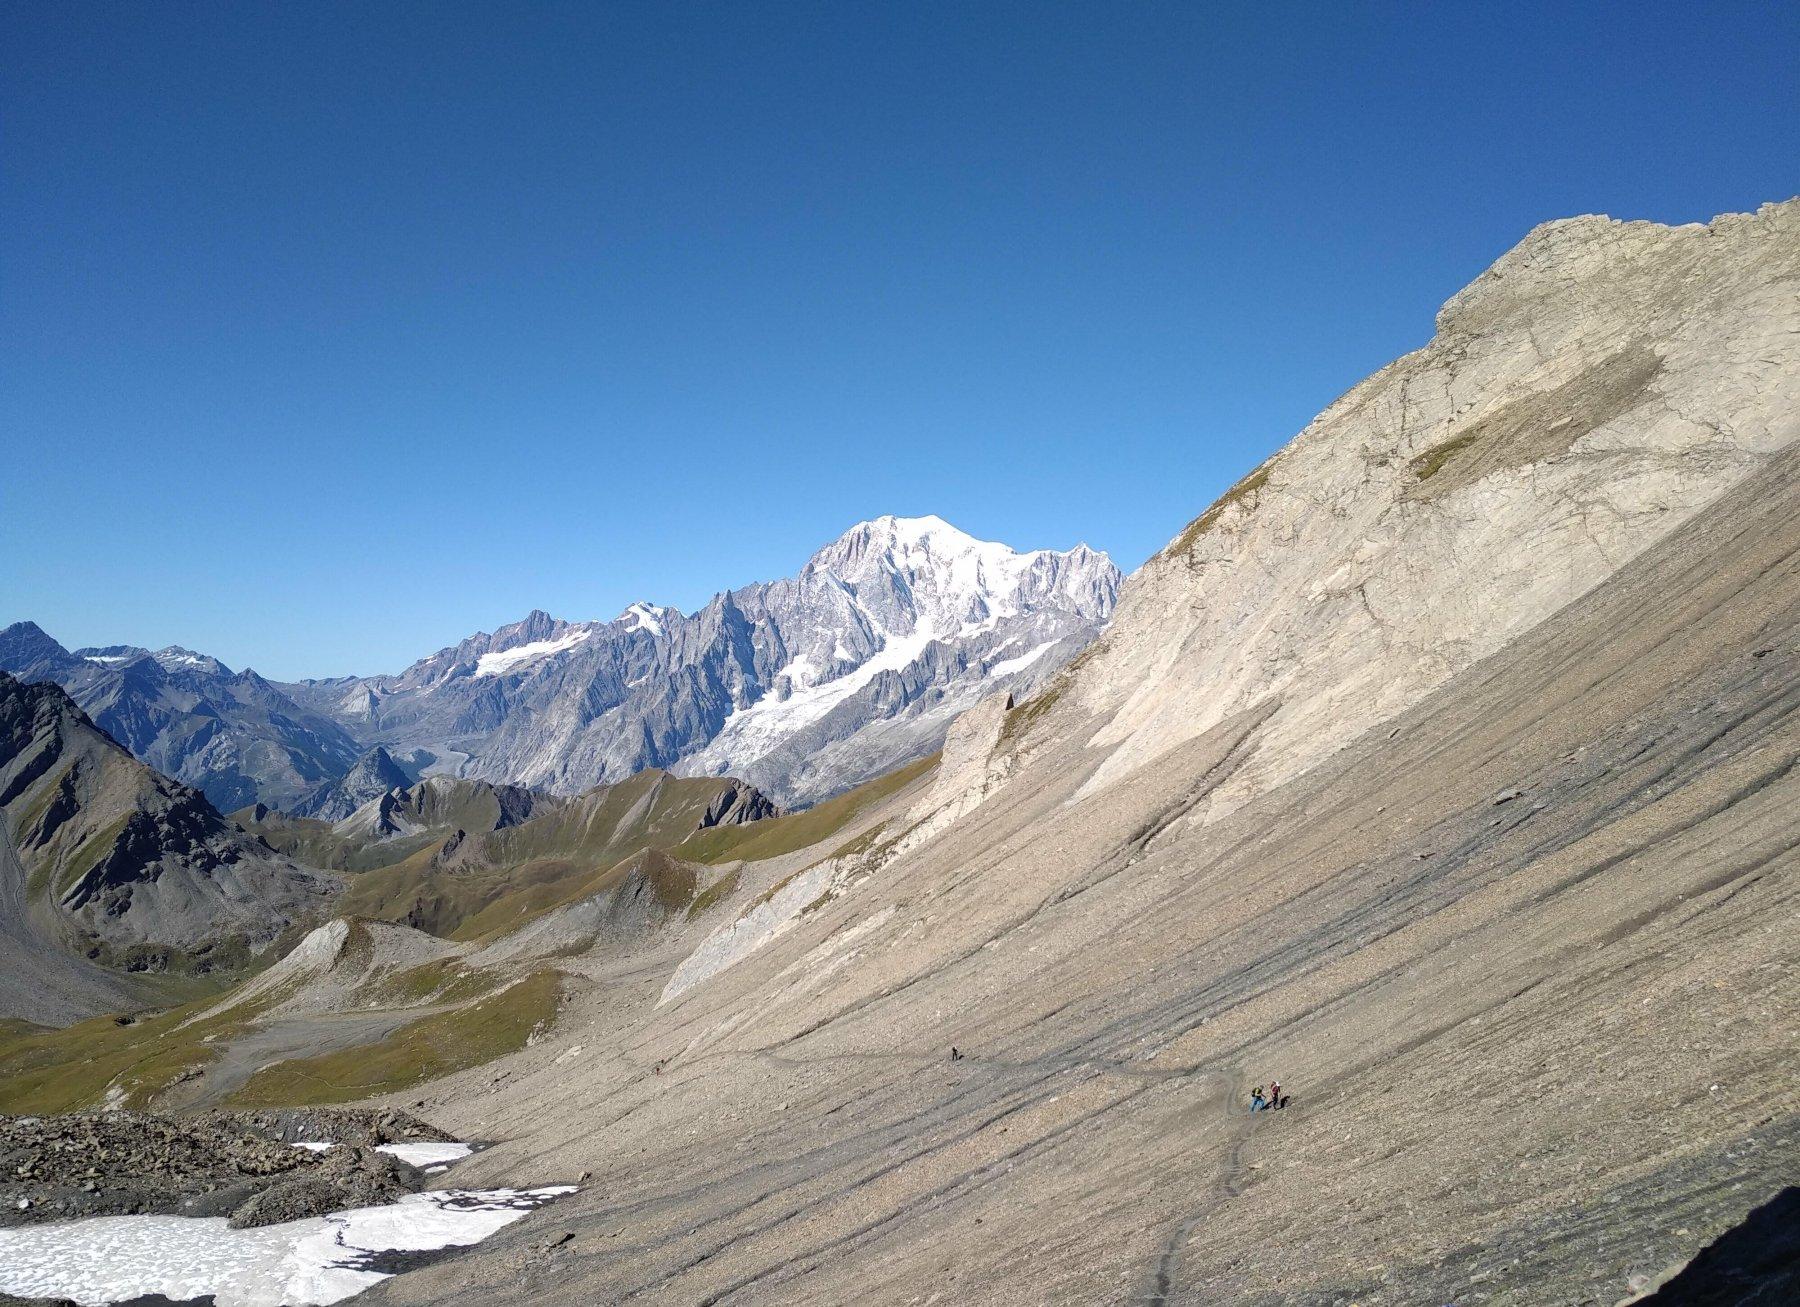 il versante in discesa verso la val Ferret con il Bianco sullo sfondo